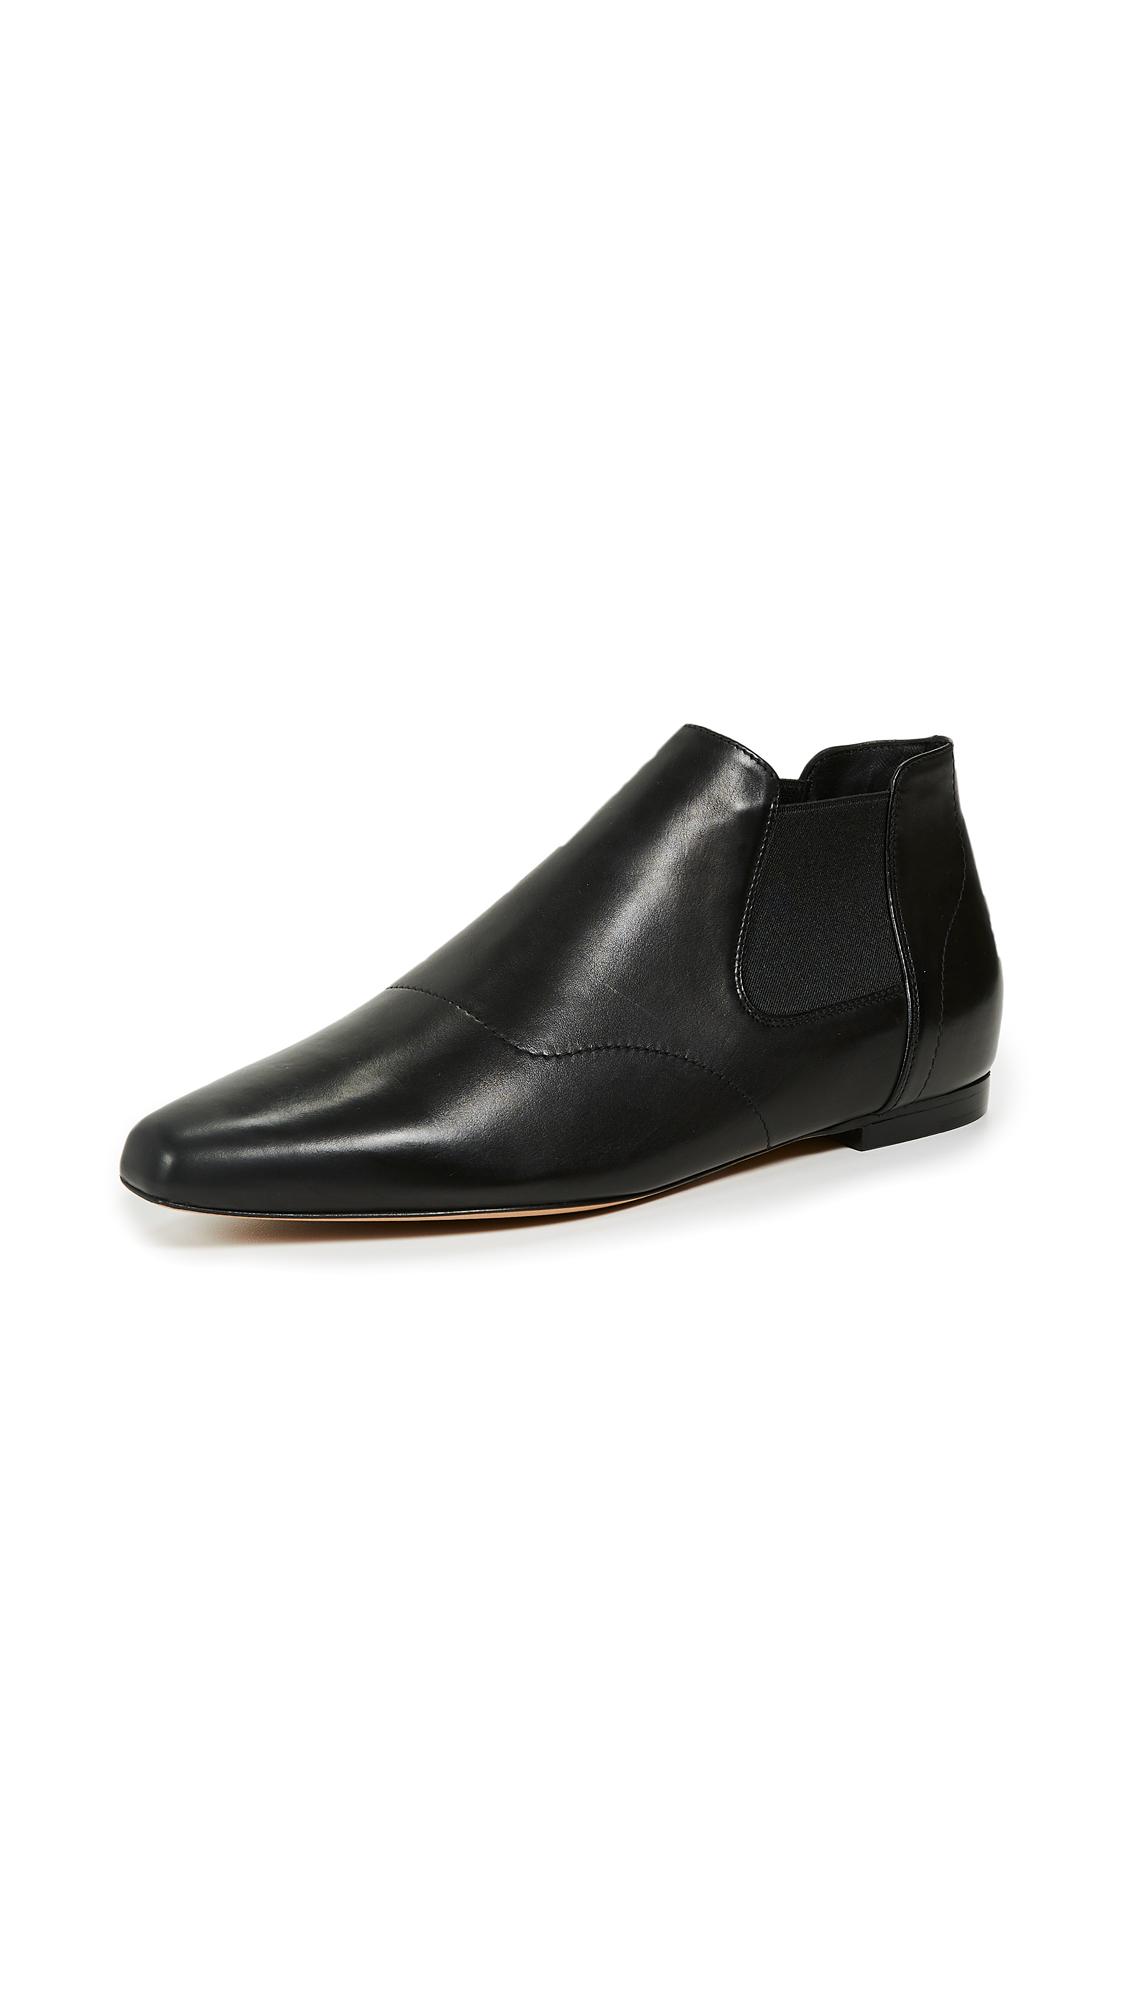 Vince Camrose Shootie Boots - Black